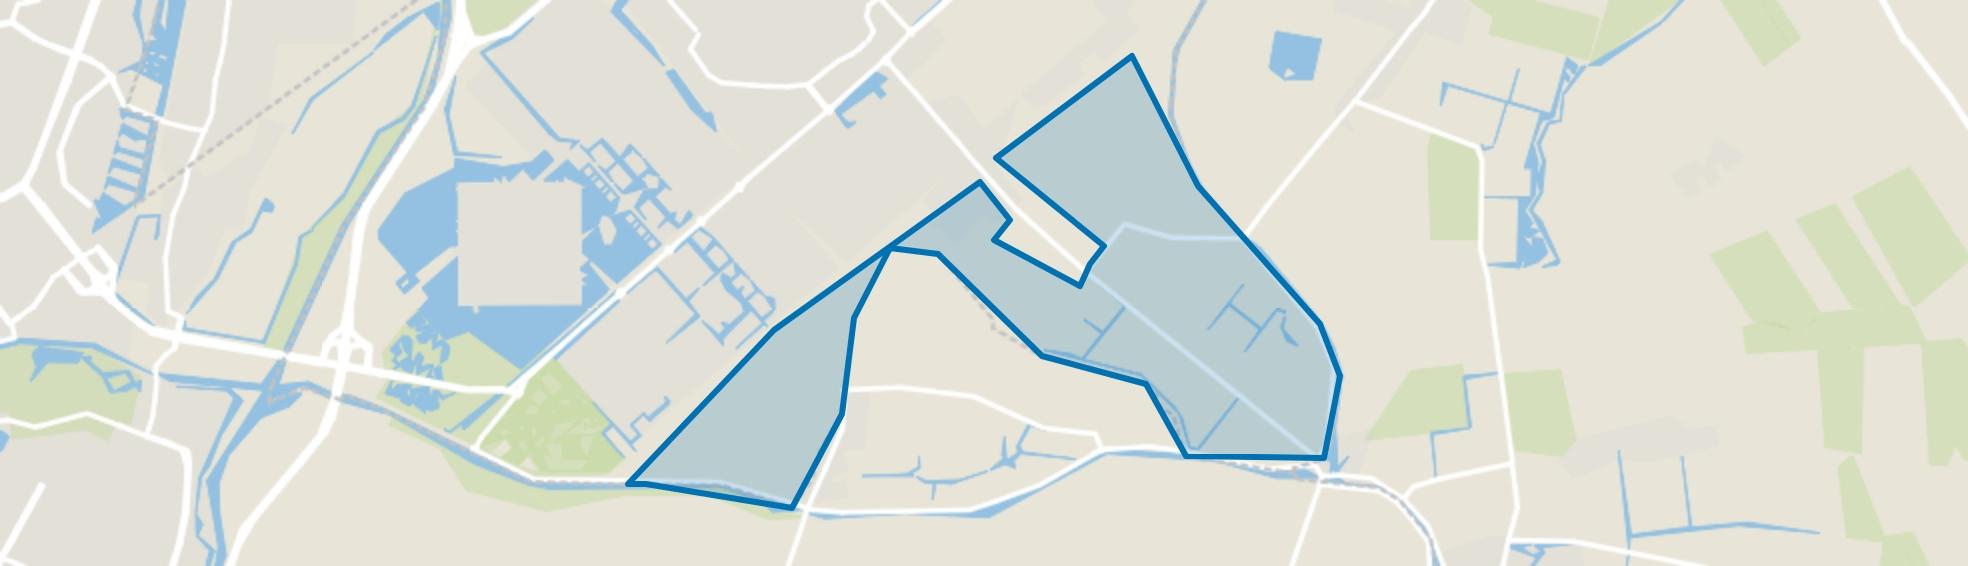 Buitengebied Zuid, Heerhugowaard map